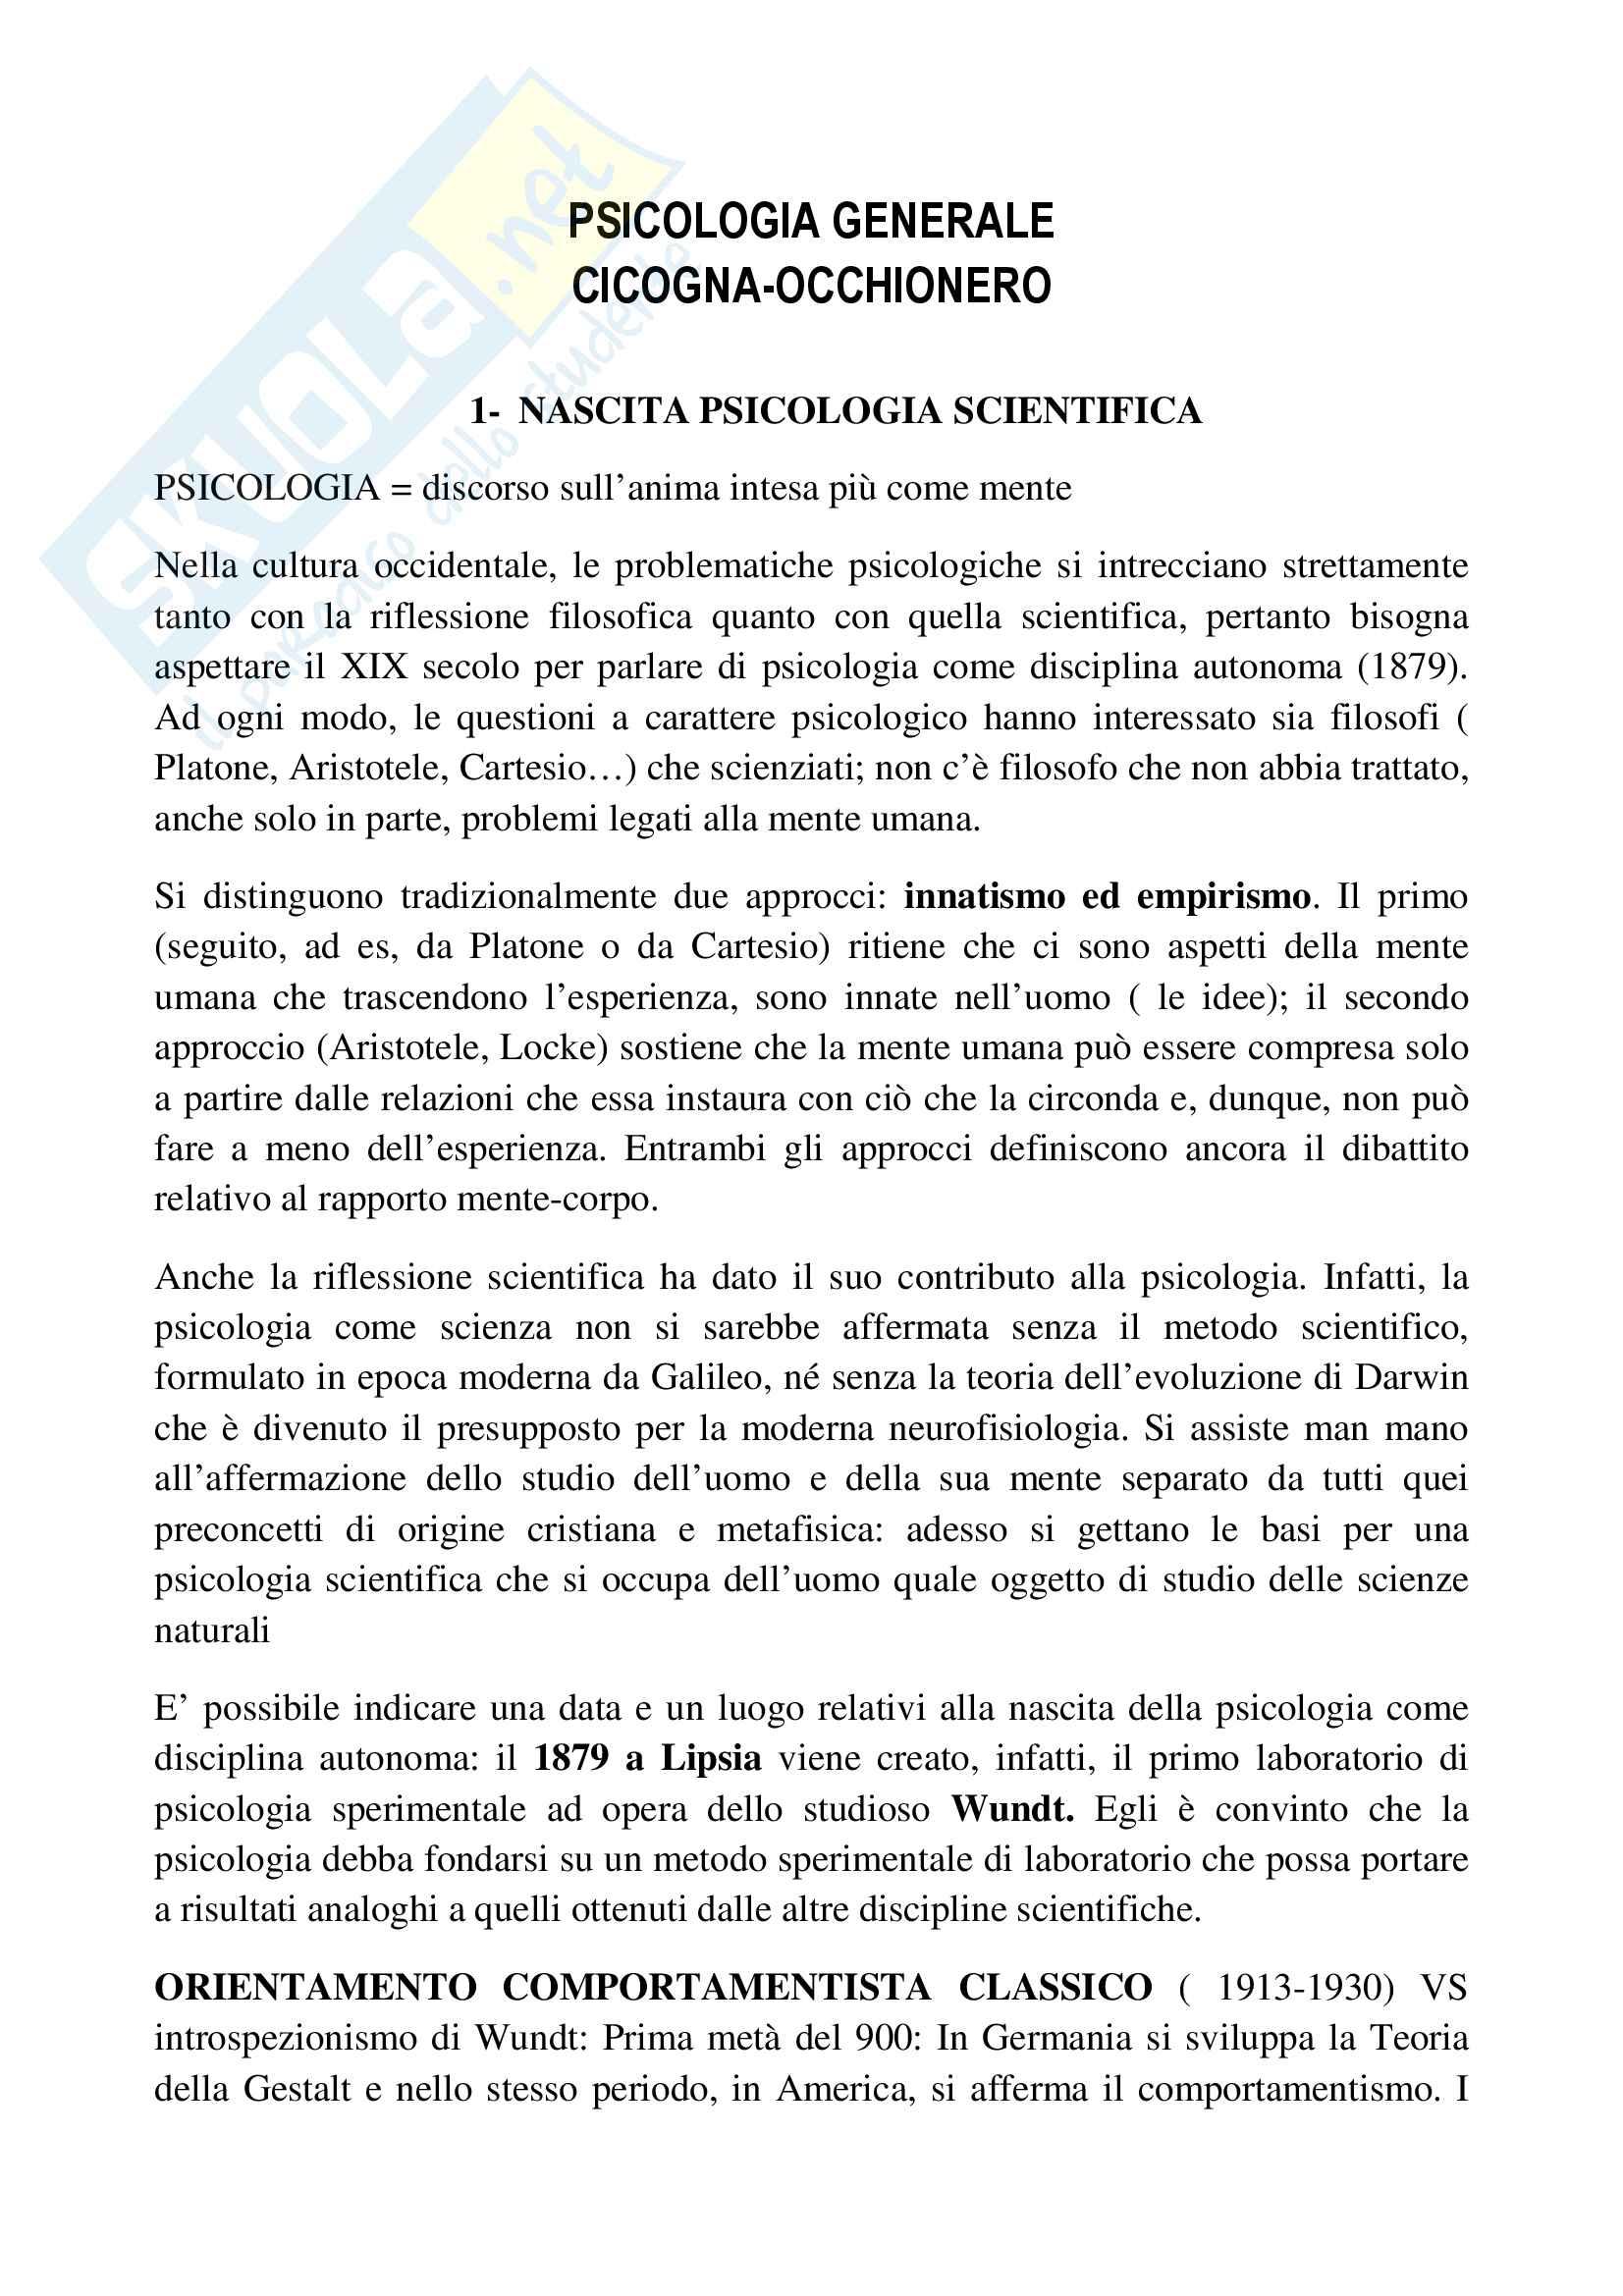 Riassunto esame psicologia generale, prof.ssa Cicogna, libro consigliato Psicologia generale, Cicogna, Occhionero